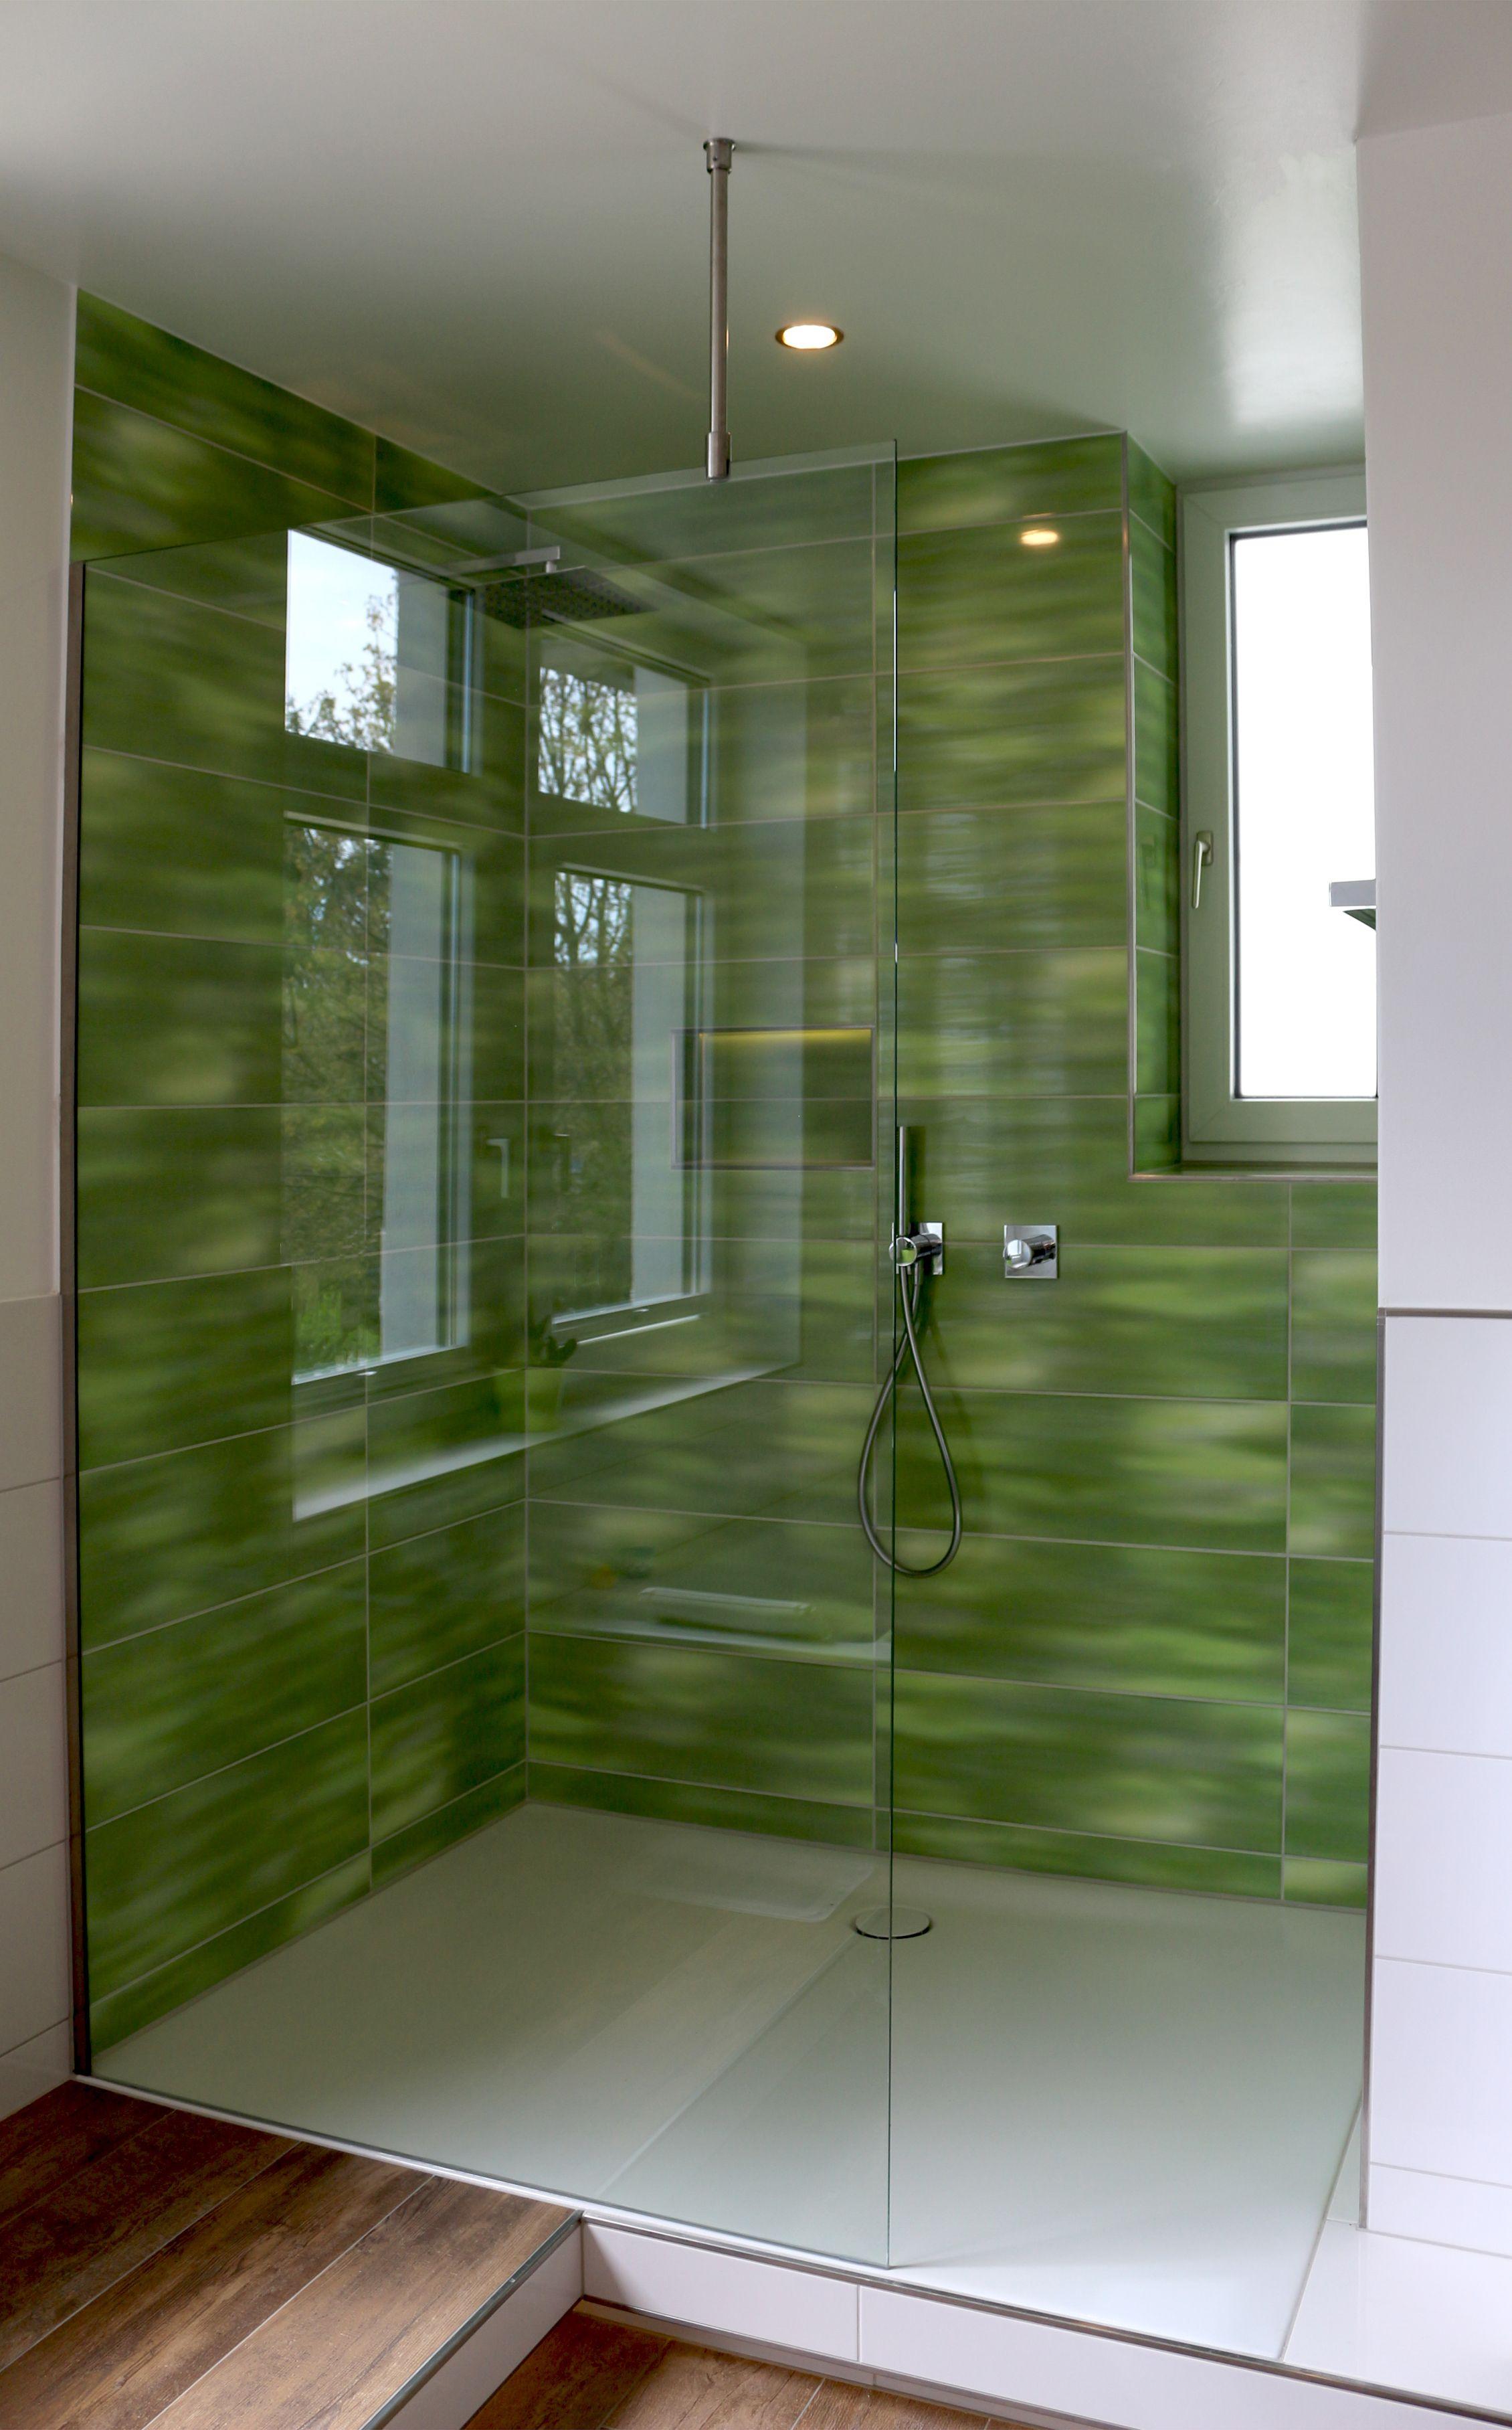 walk in dusche aus glas mit wandklemmprofil und stabilisierungsstange - Glaswand Dusche Walk In